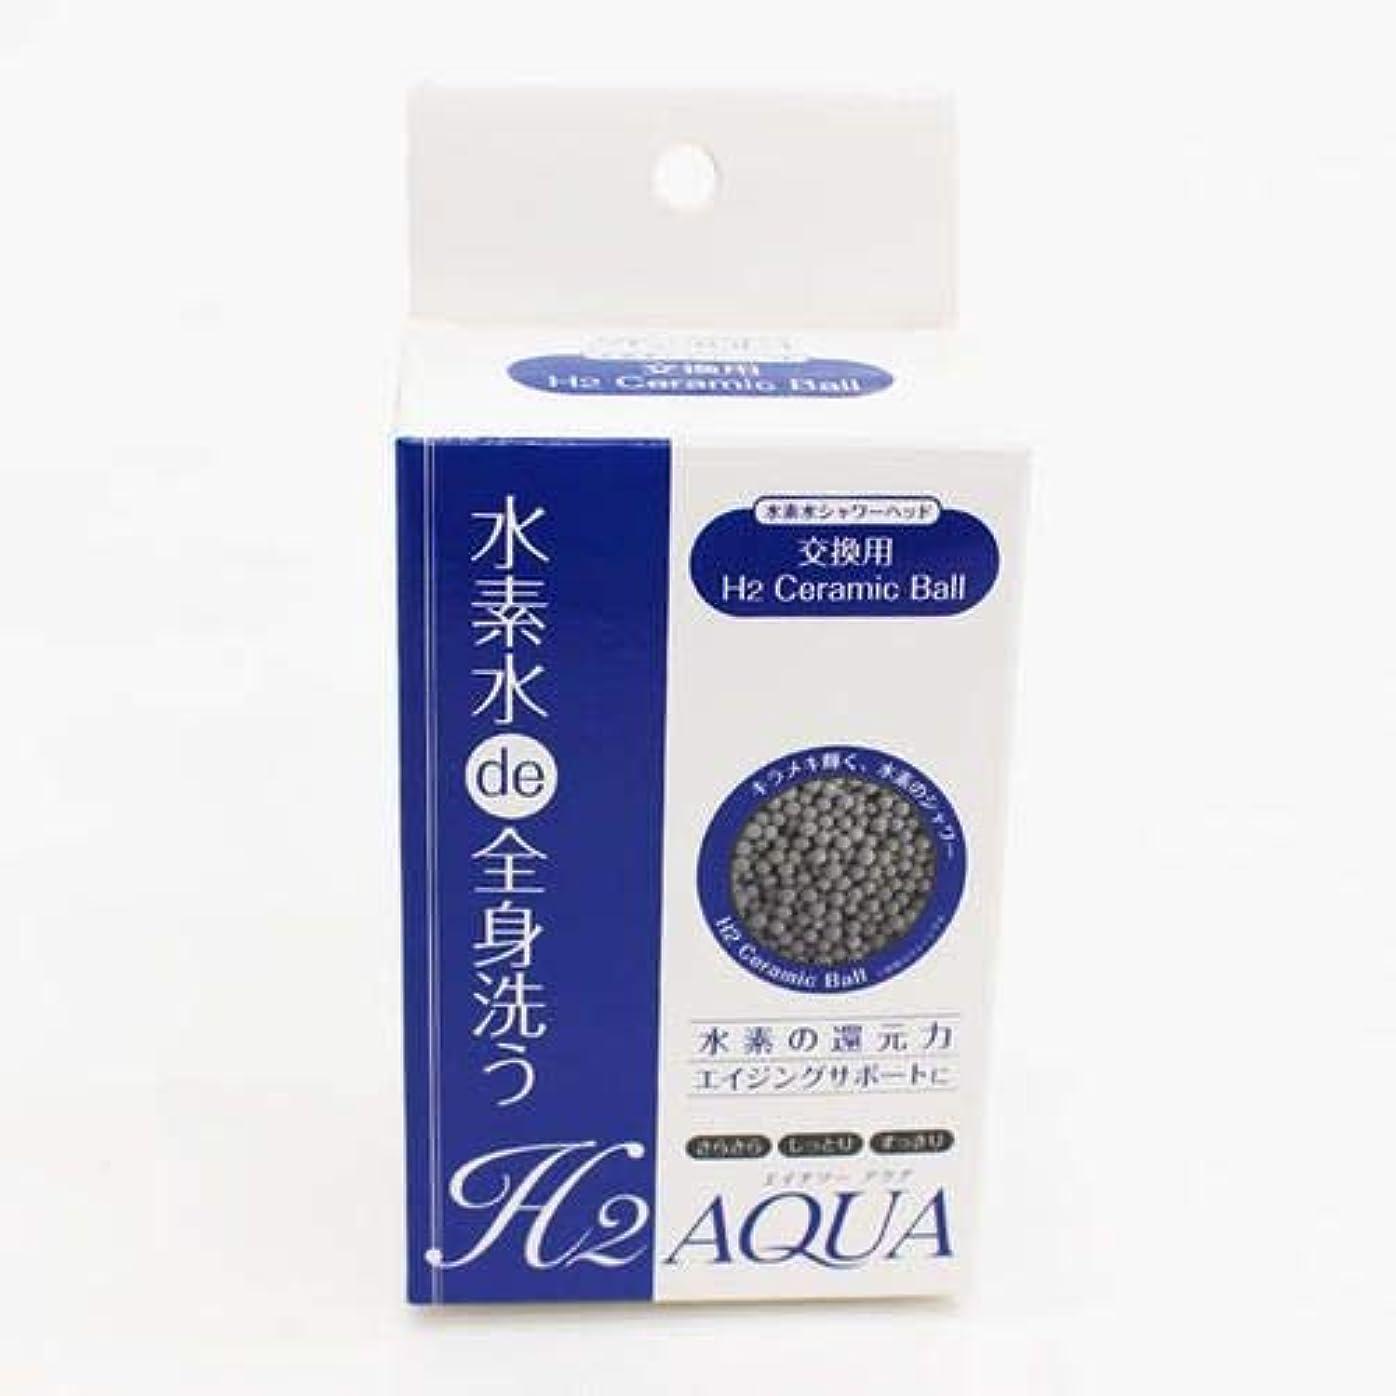 外部賞でる水素水シャワーヘッド 交換用 H2 Ceramic Ball